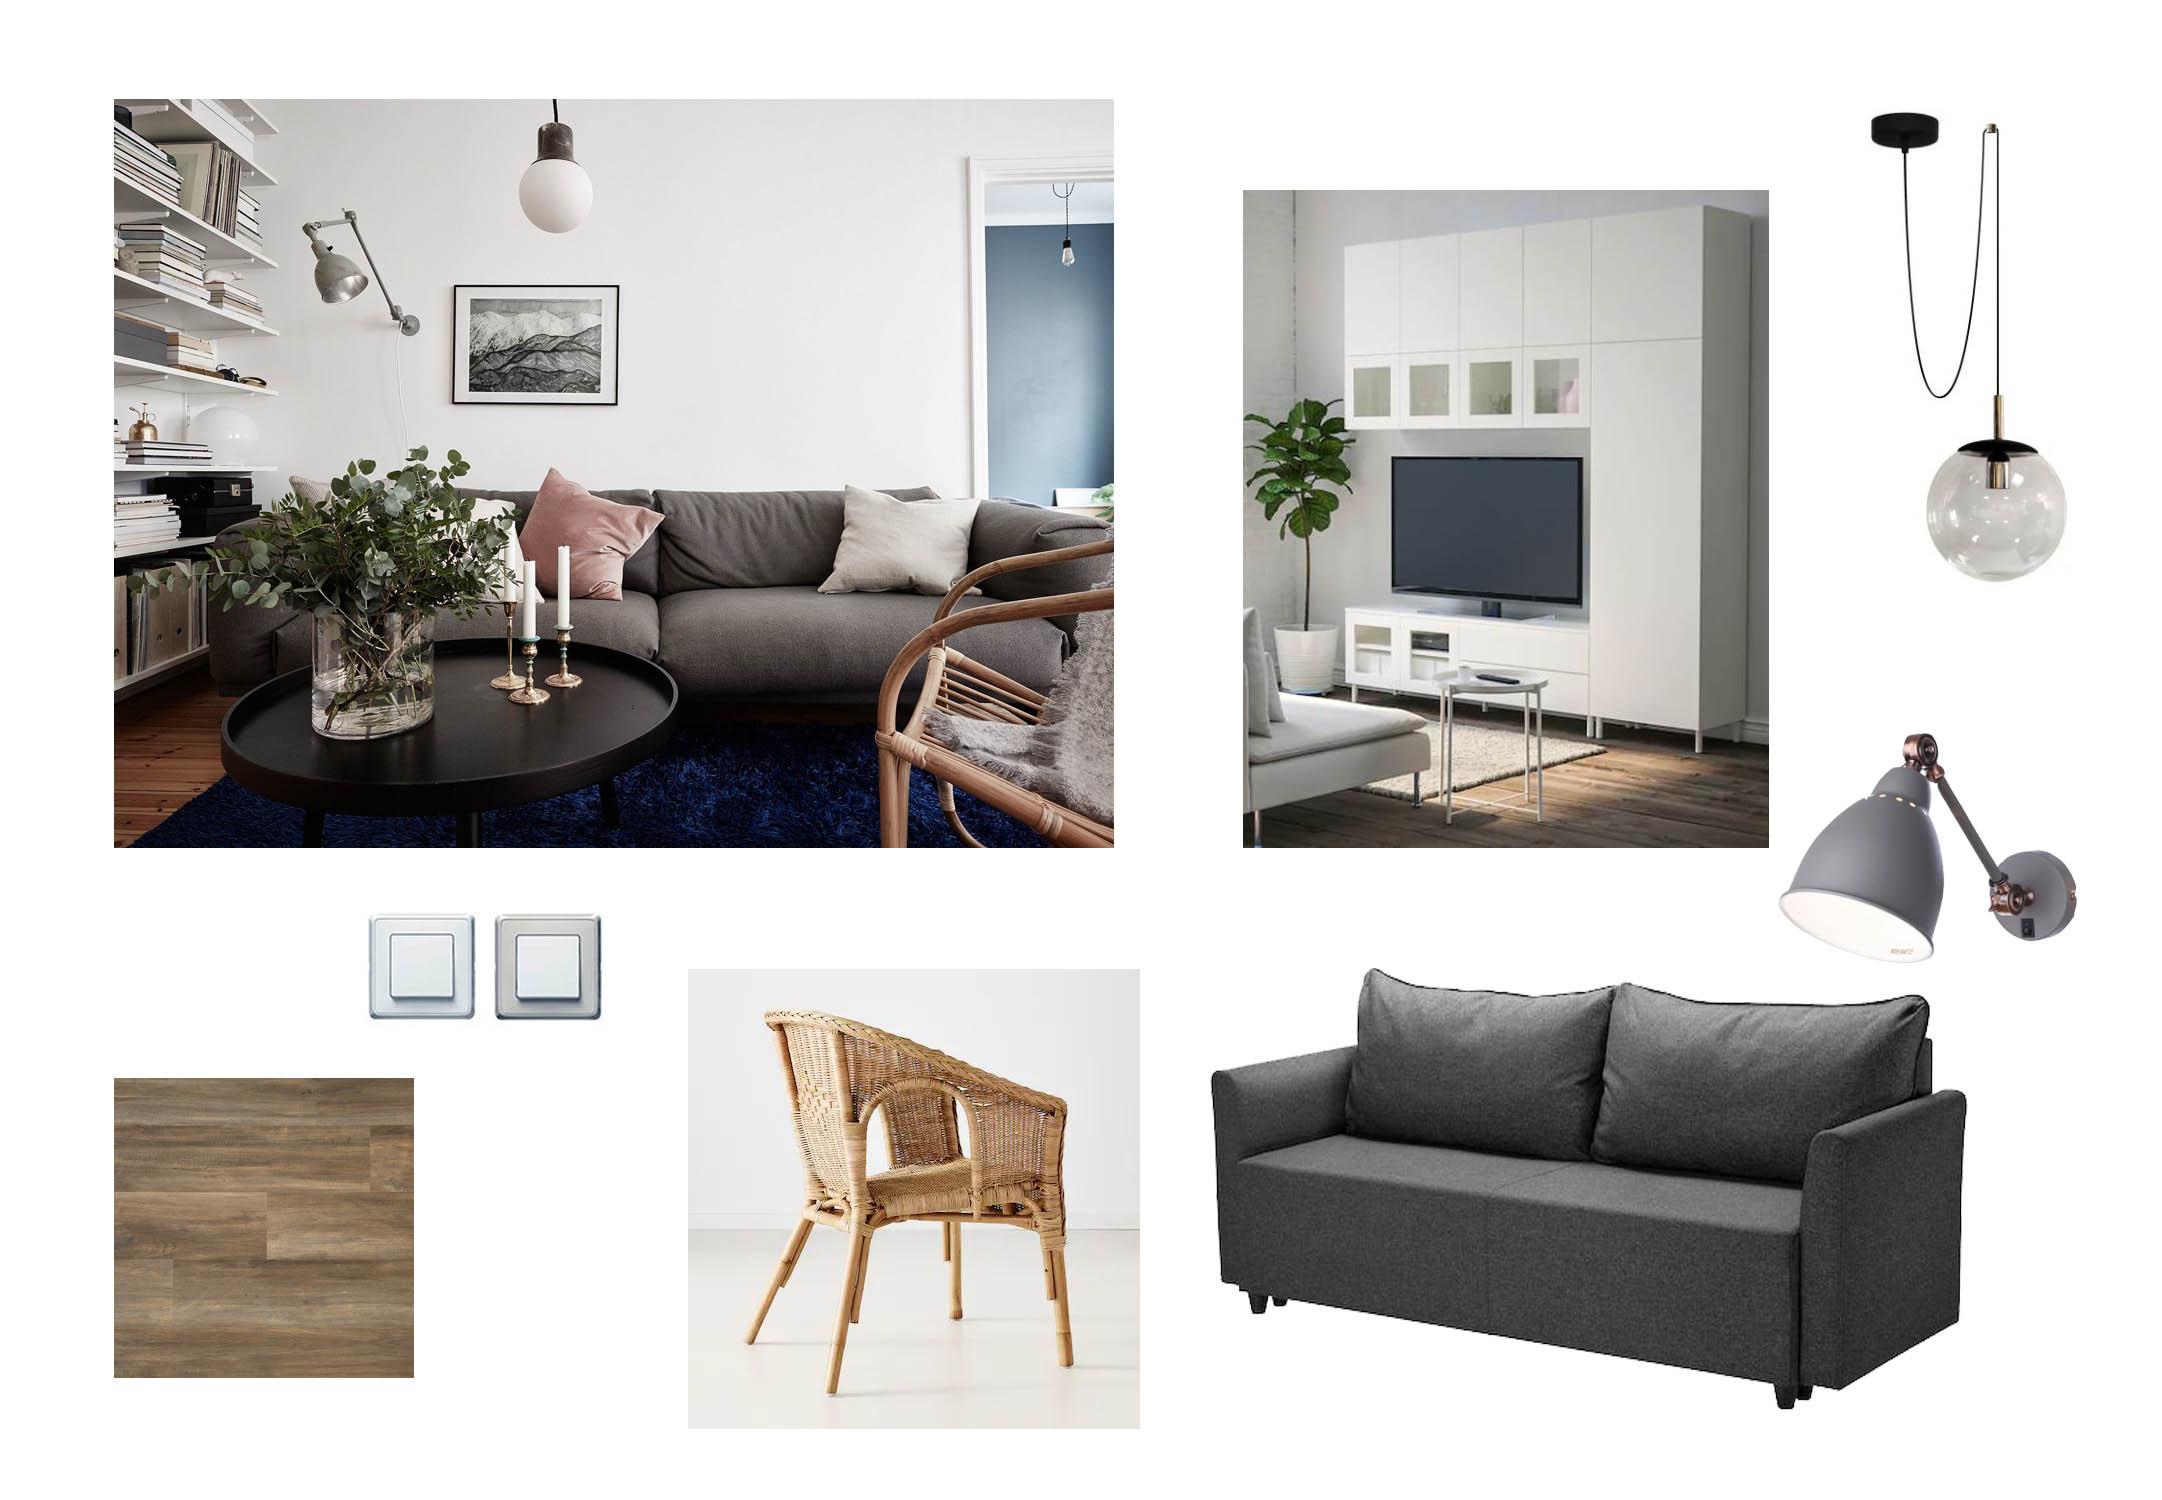 Мебель для прихожей и гостиной, которая необходима для покупки после ремонта